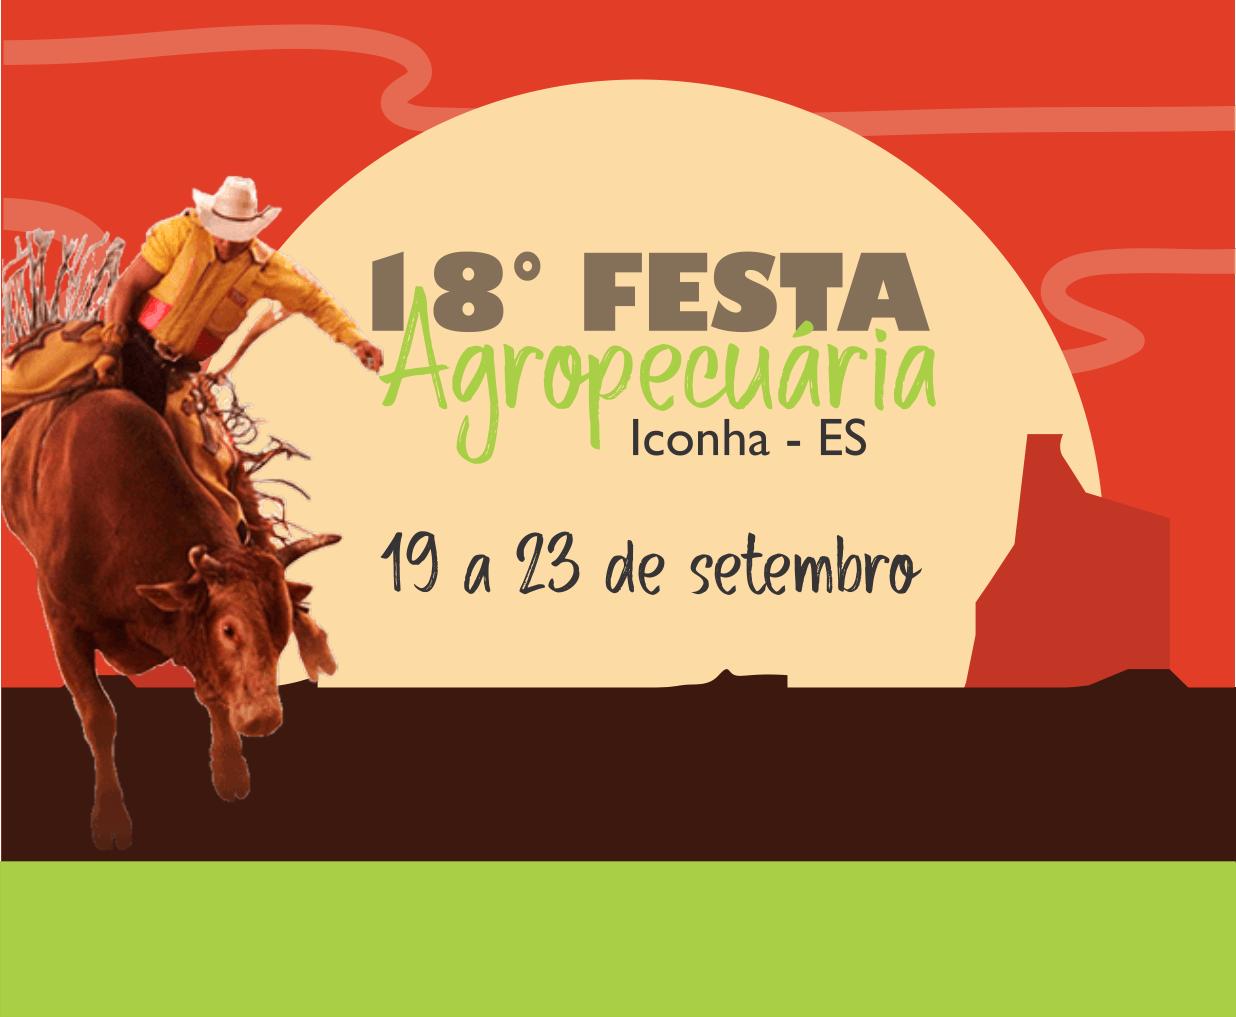 Iconha: Prefeitura divulga a programação oficial da 18ª Festa Agropecuária